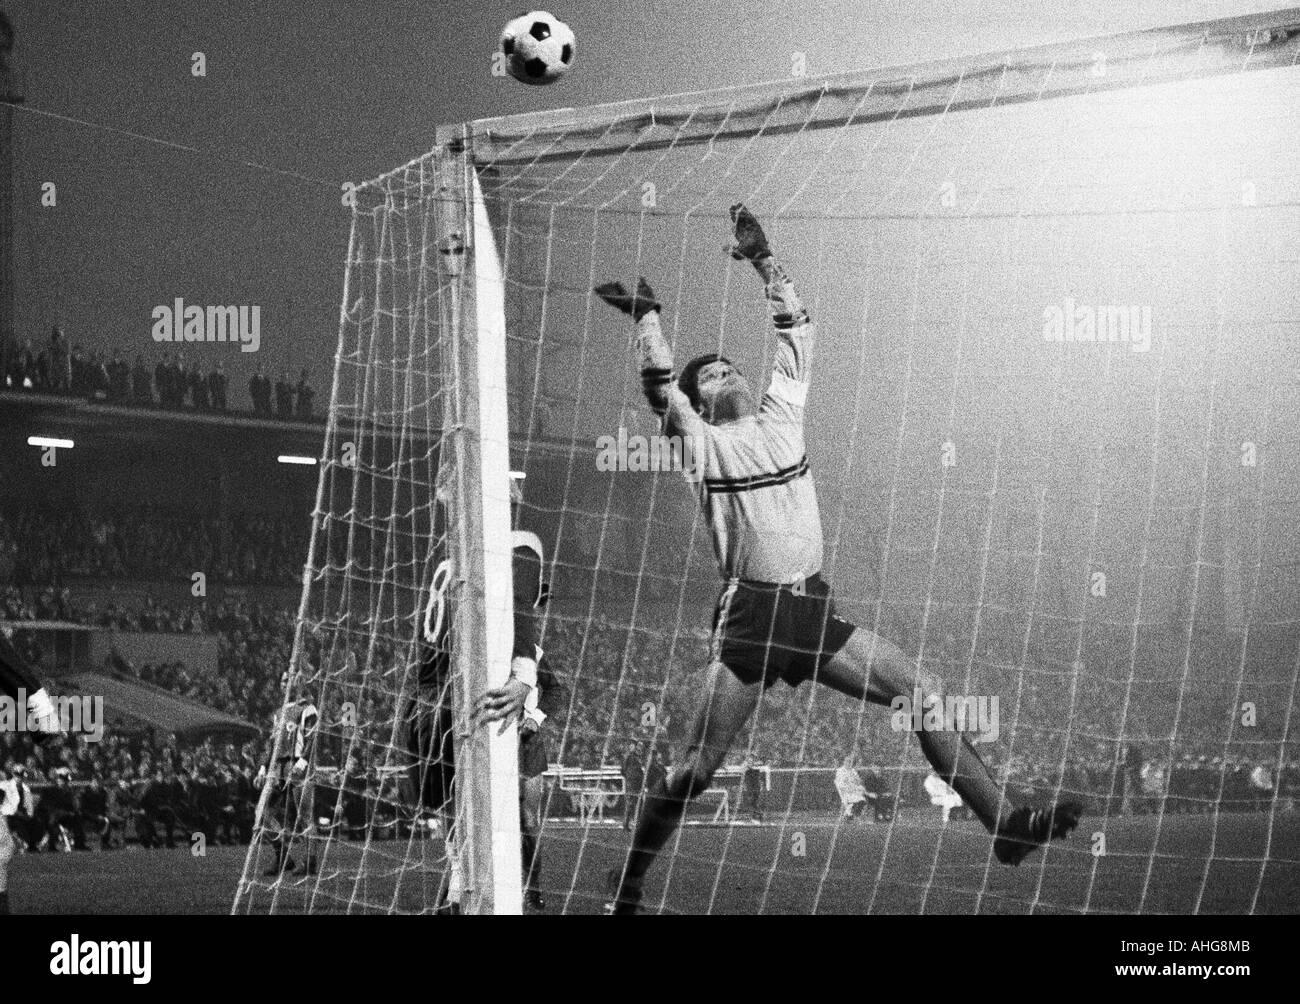 football, Bundesliga, 1969/1970, Rot-Weiss Oberhausen versus Borussia Moenchengladbach 3:4, Niederrhein Stadium in Oberhausen, scene of the match, keeper Wolfgang Scheid (Oberhausen) - Stock Image